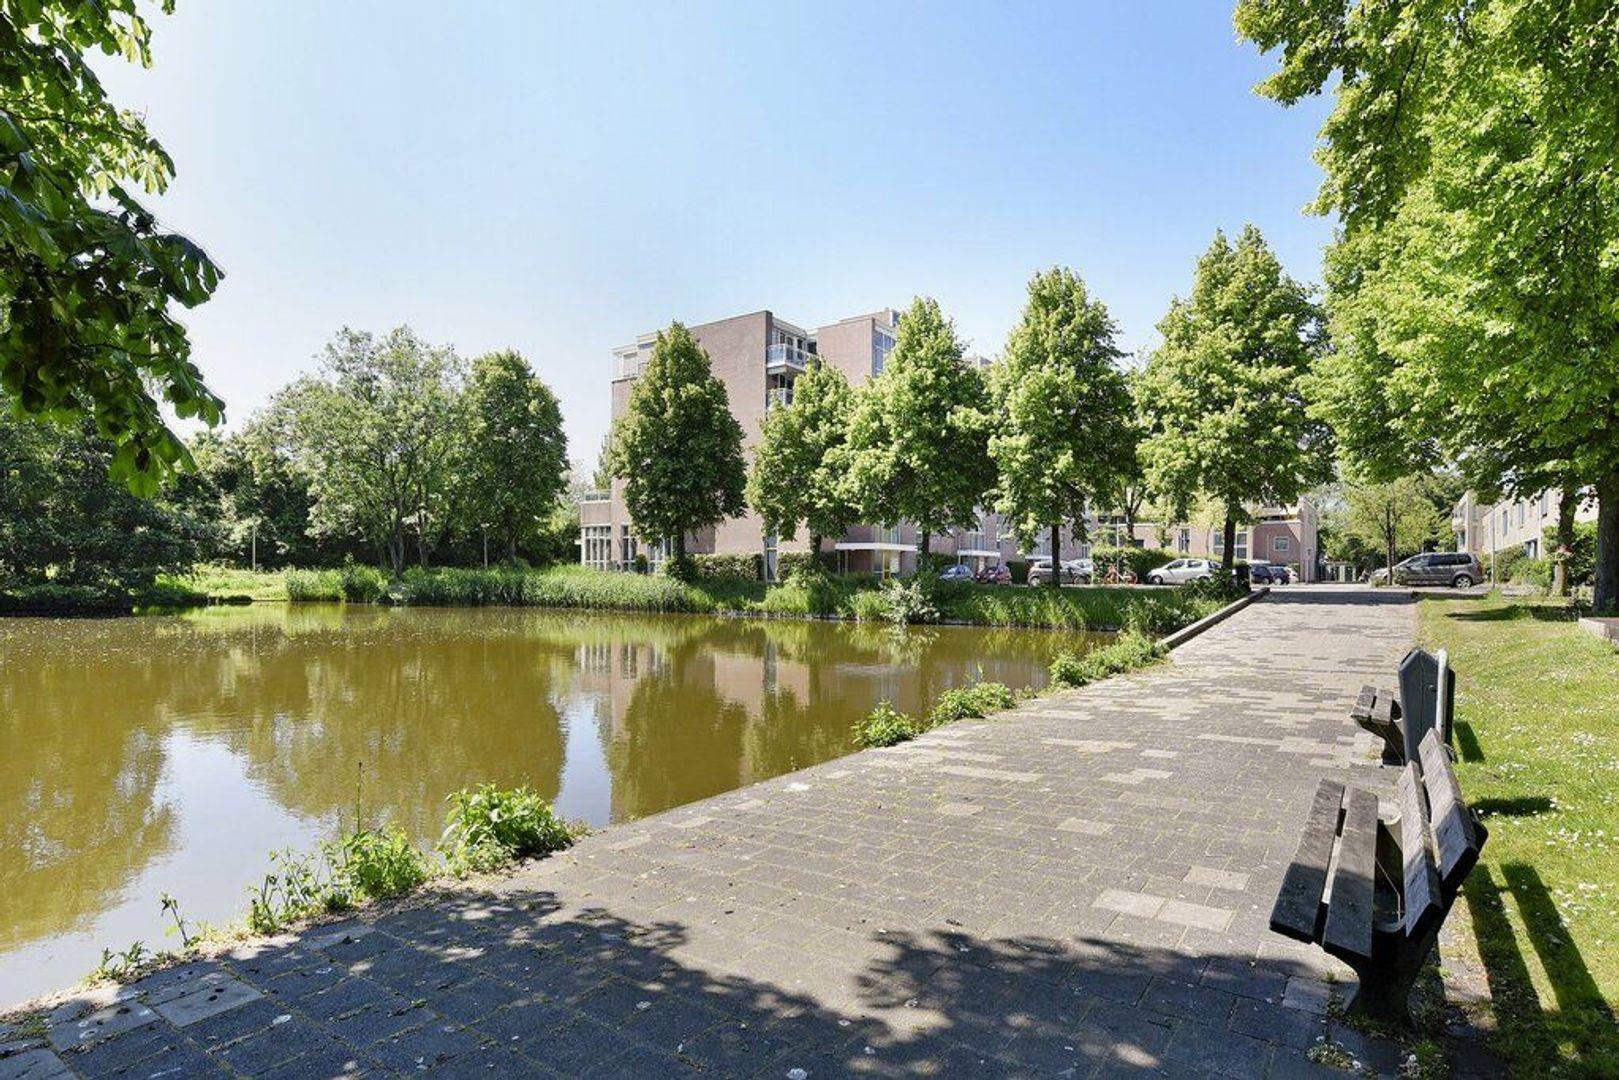 Letland 12, Delft foto-31